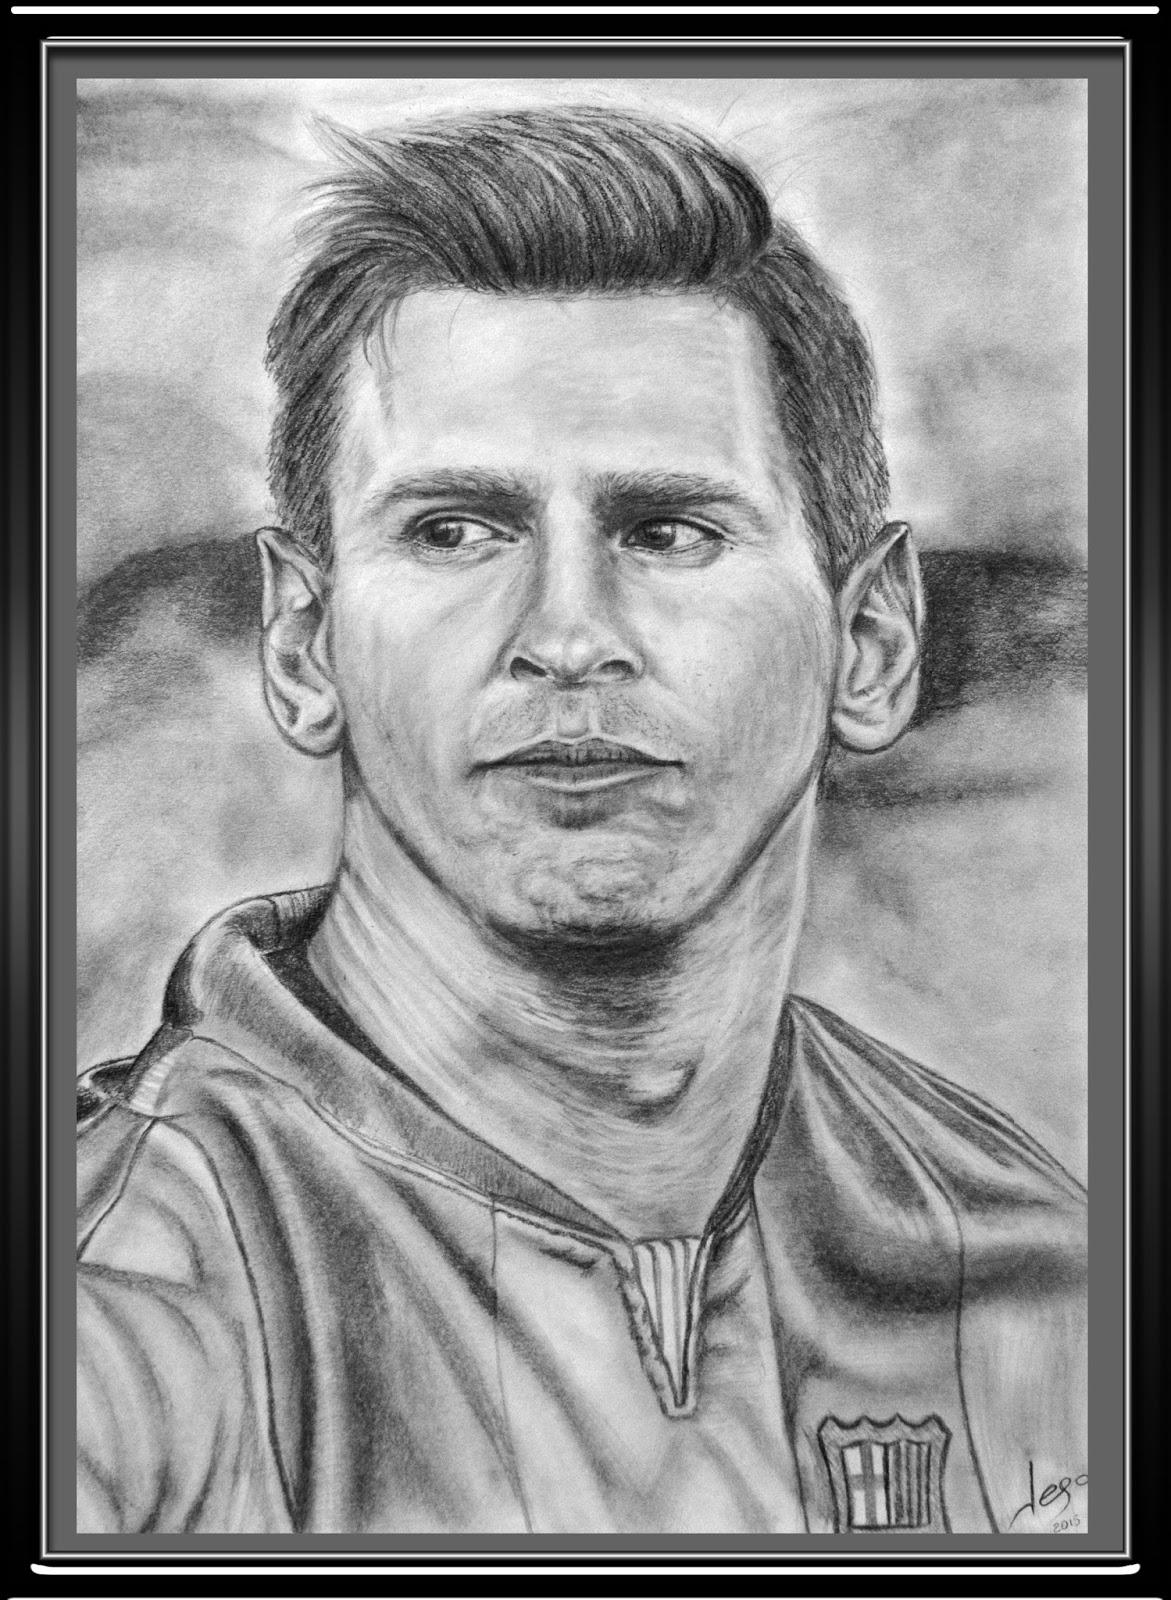 Retratos realistas y dibujos Retrato realista de Lionel Messi